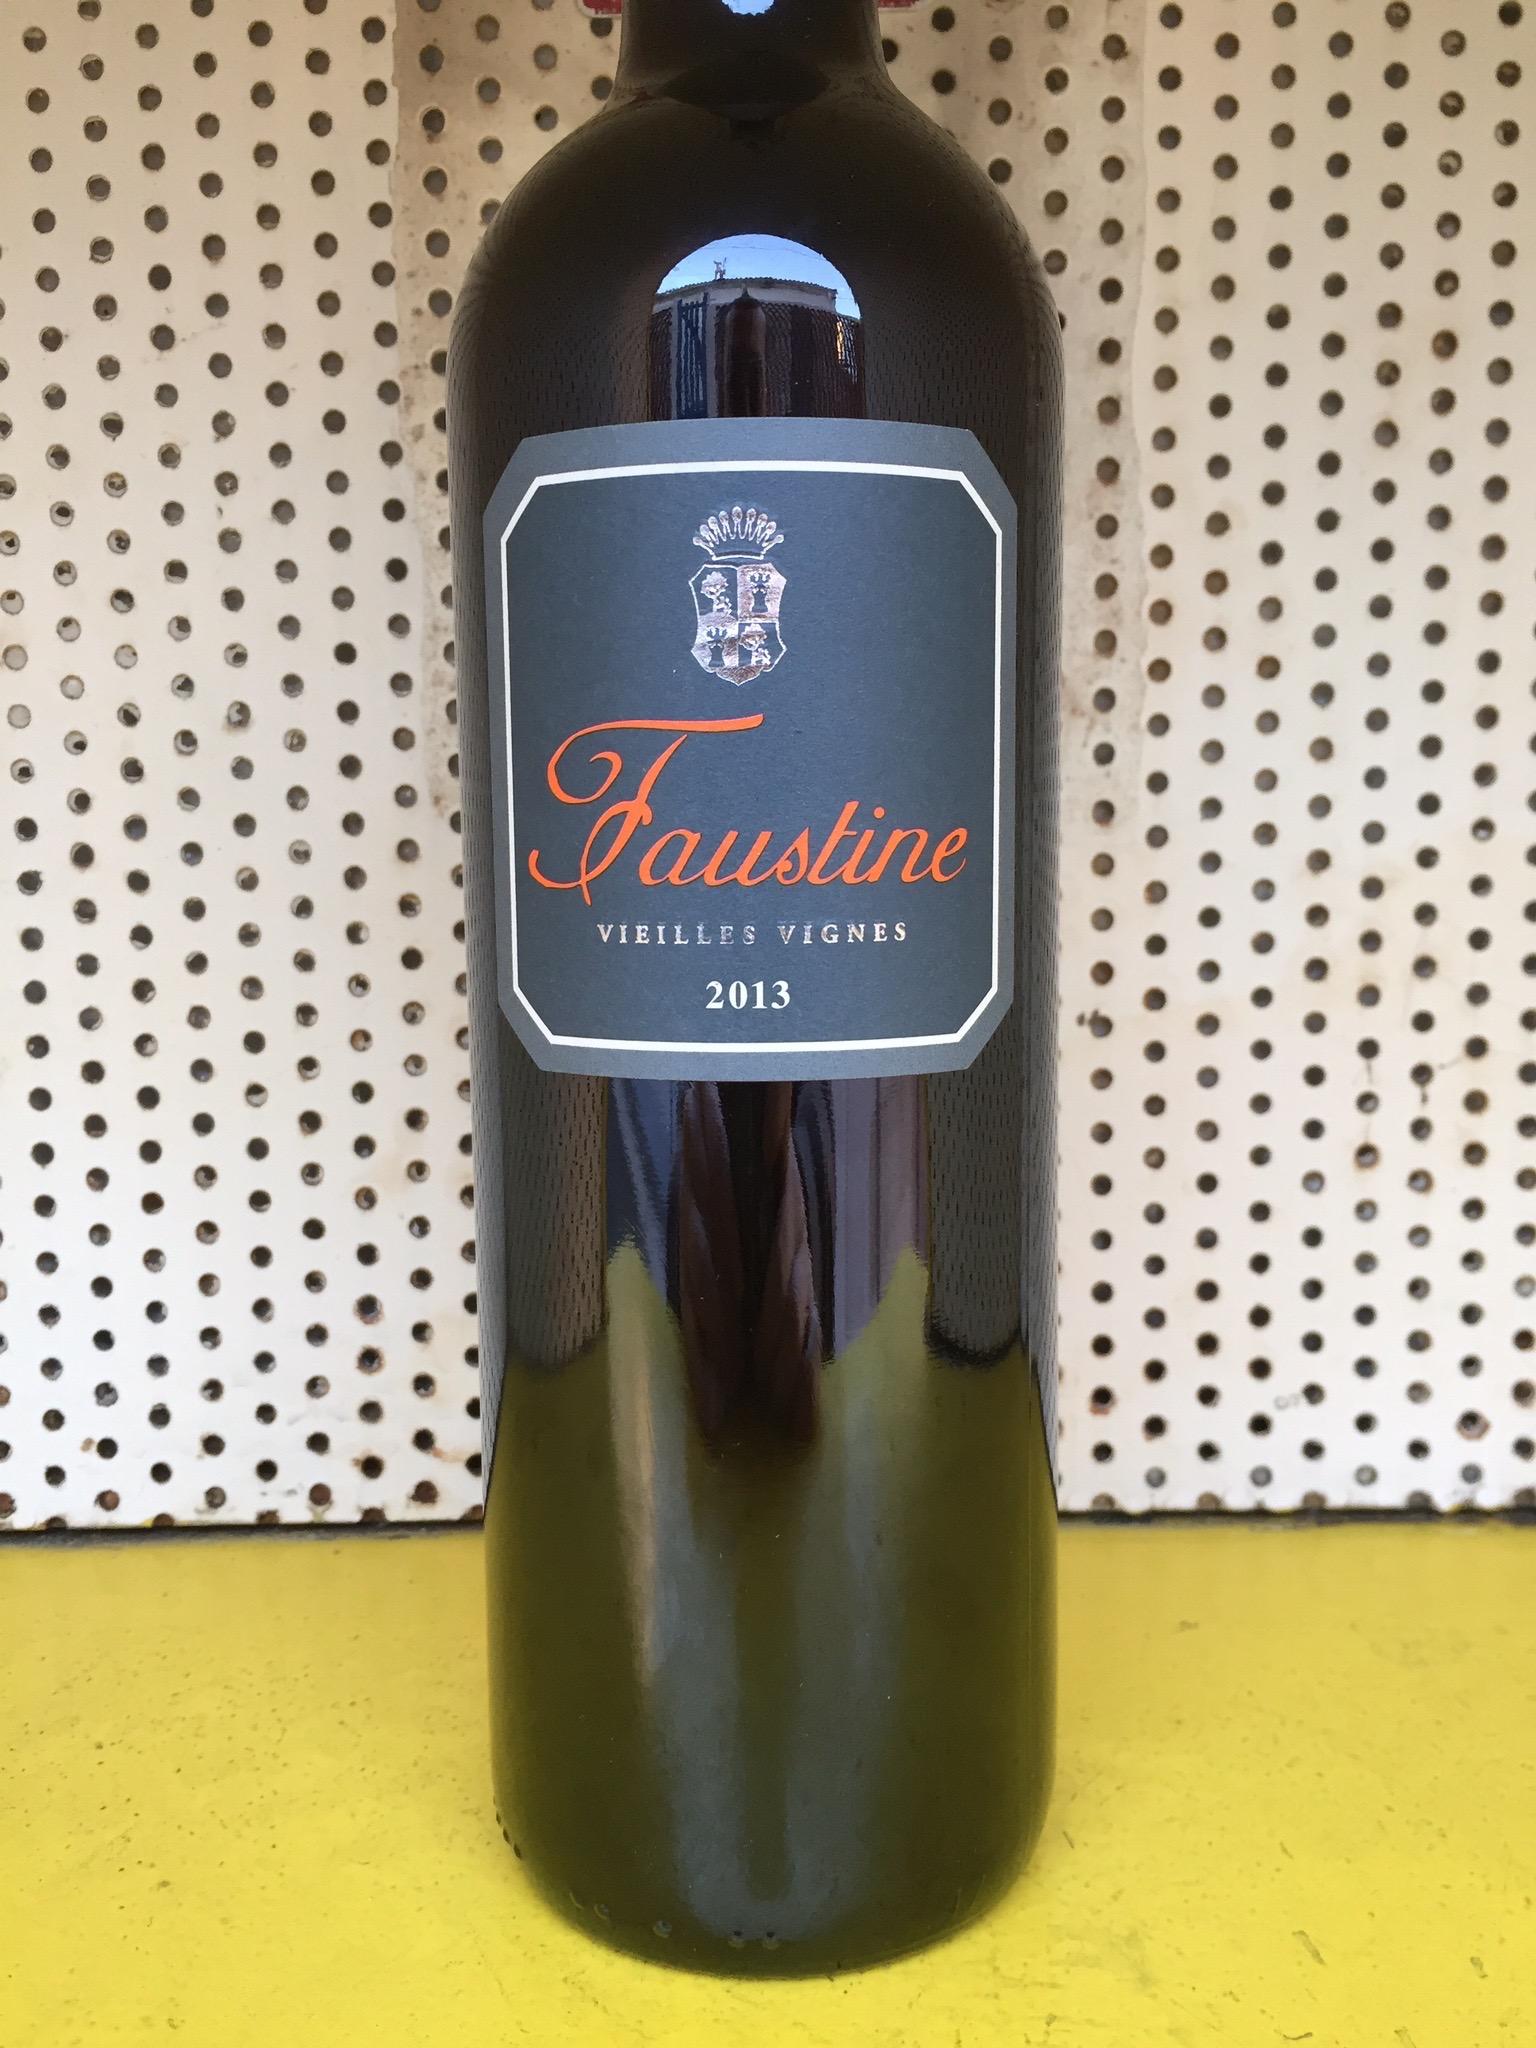 Corse/ Abbatucci/ Faustine